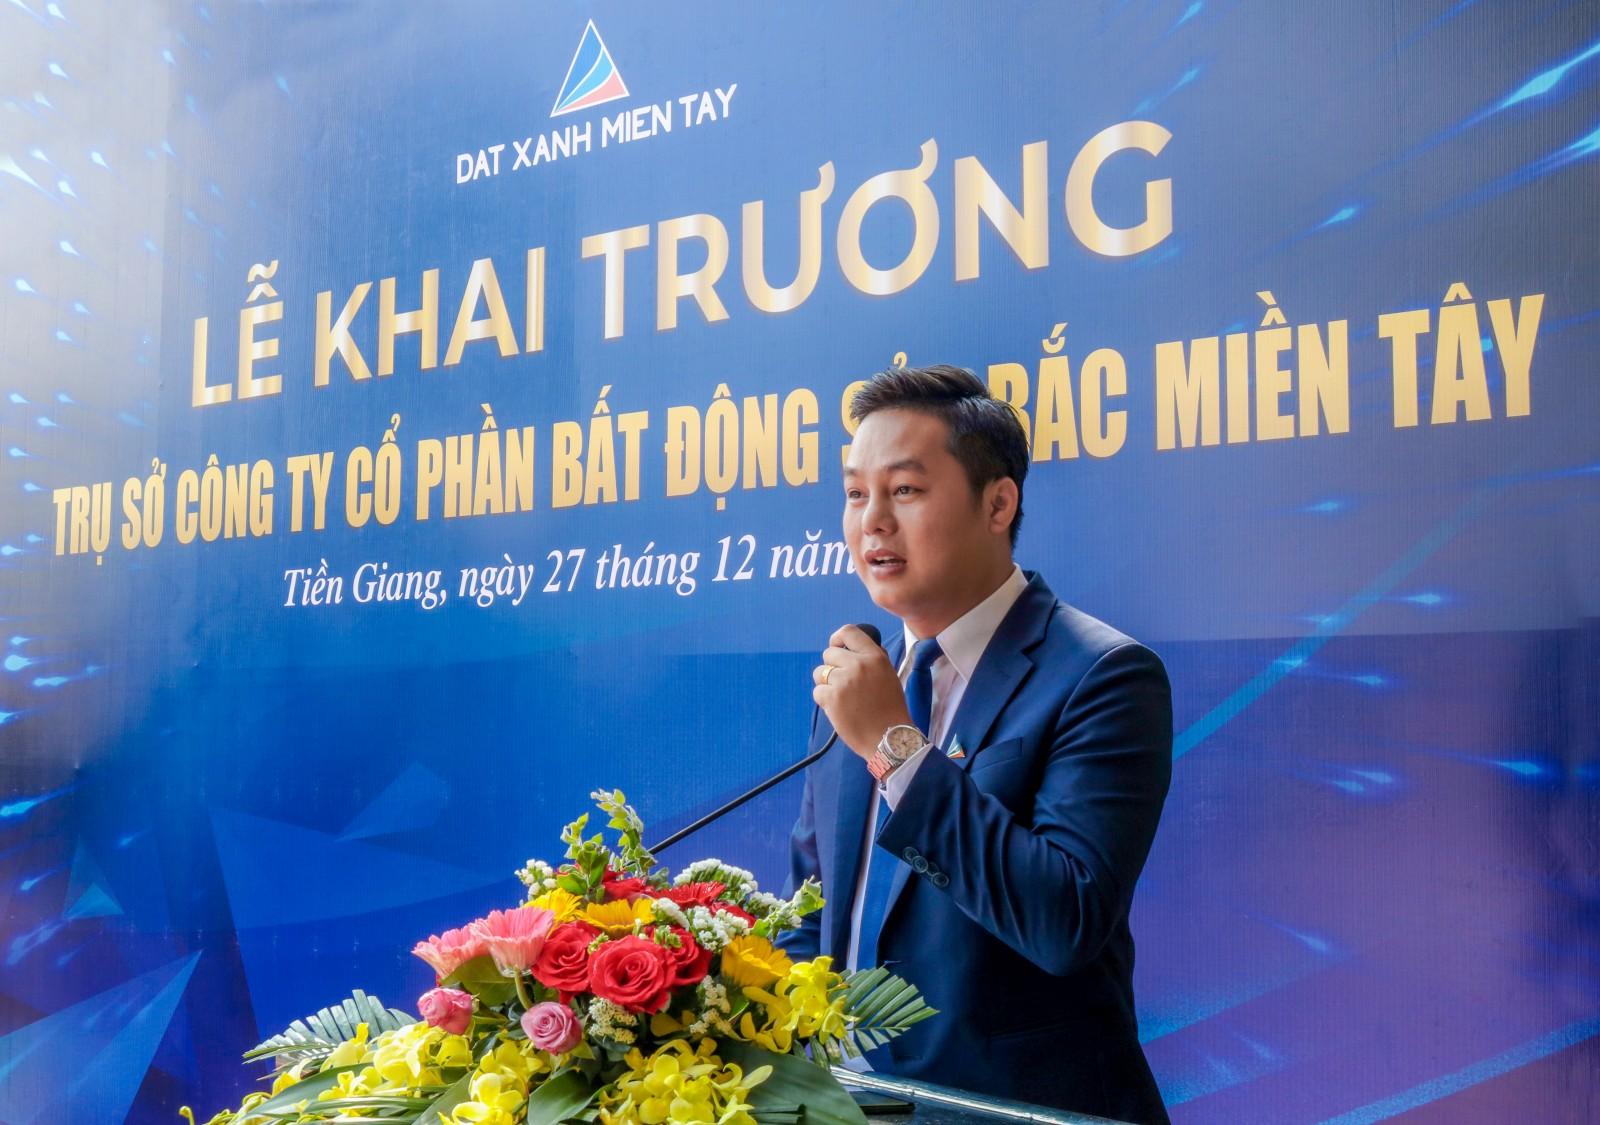 Tổng giám đốc Bắc Miền Tây - Đất Xanh Miền Tây, ông Nguyễn Minh Bảo khẳng định: Bắc Miền Tây sẽ kế thừa giá trị tốt đẹp từ công ty mẹ để trở thành doanh nghiệp BĐS uy tín hàng đầu tại Tiền Giang và ĐBSCL